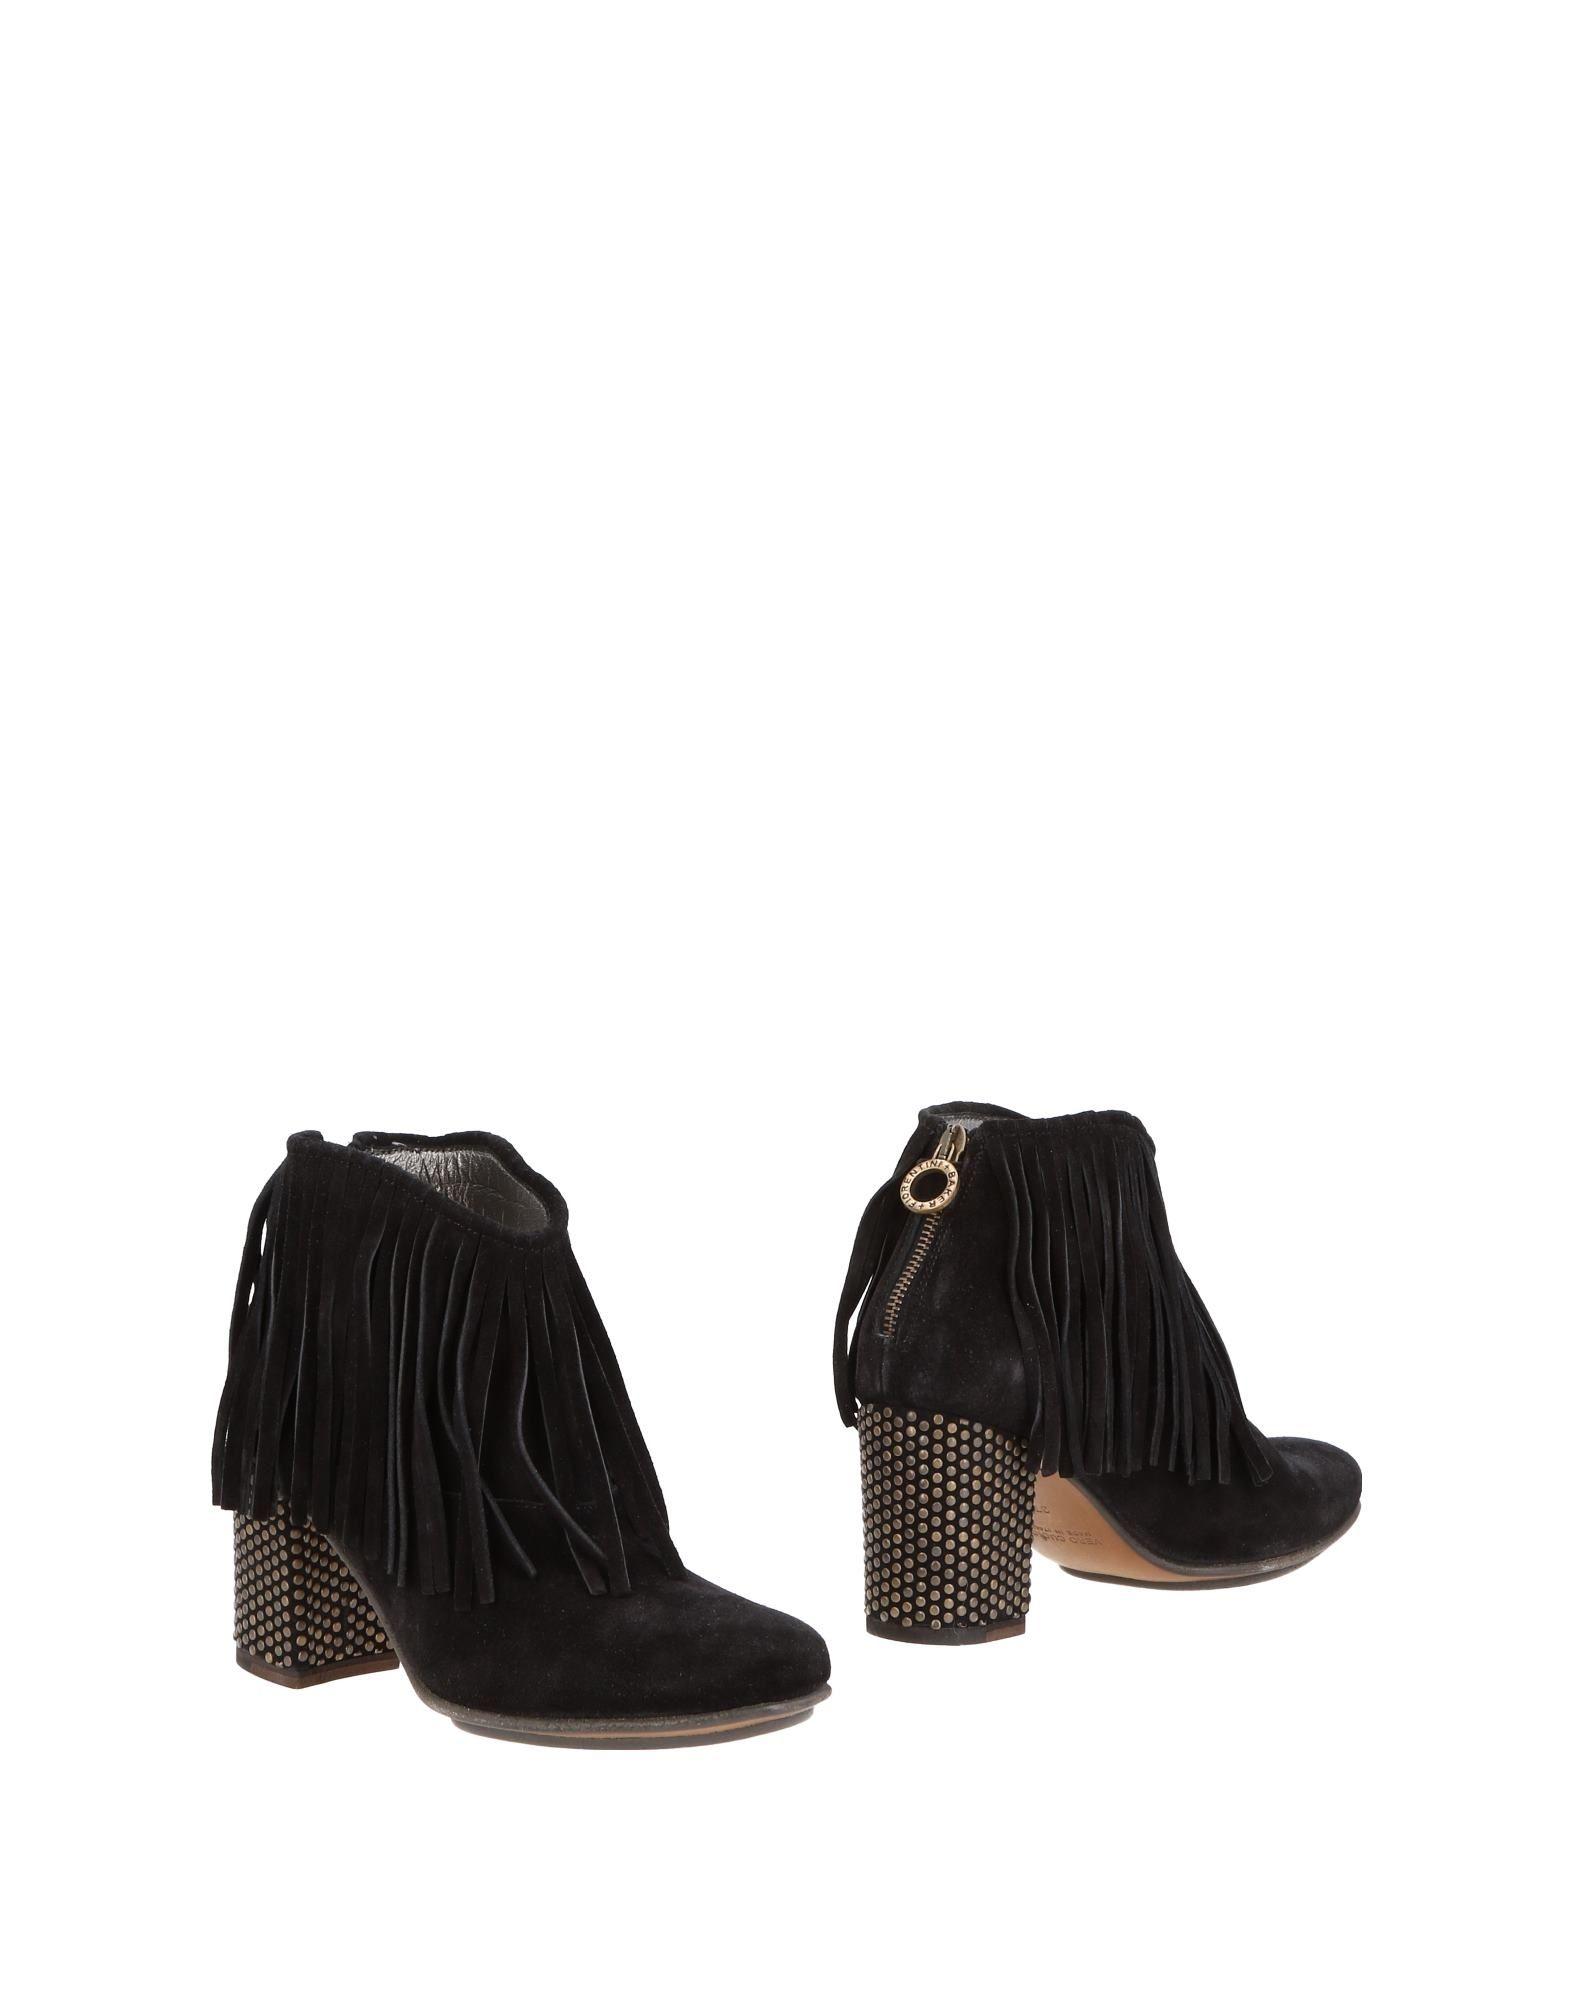 Rabatt Schuhe Fiorentini+Baker Damen Stiefelette Damen Fiorentini+Baker  11499422QQ 4cb673